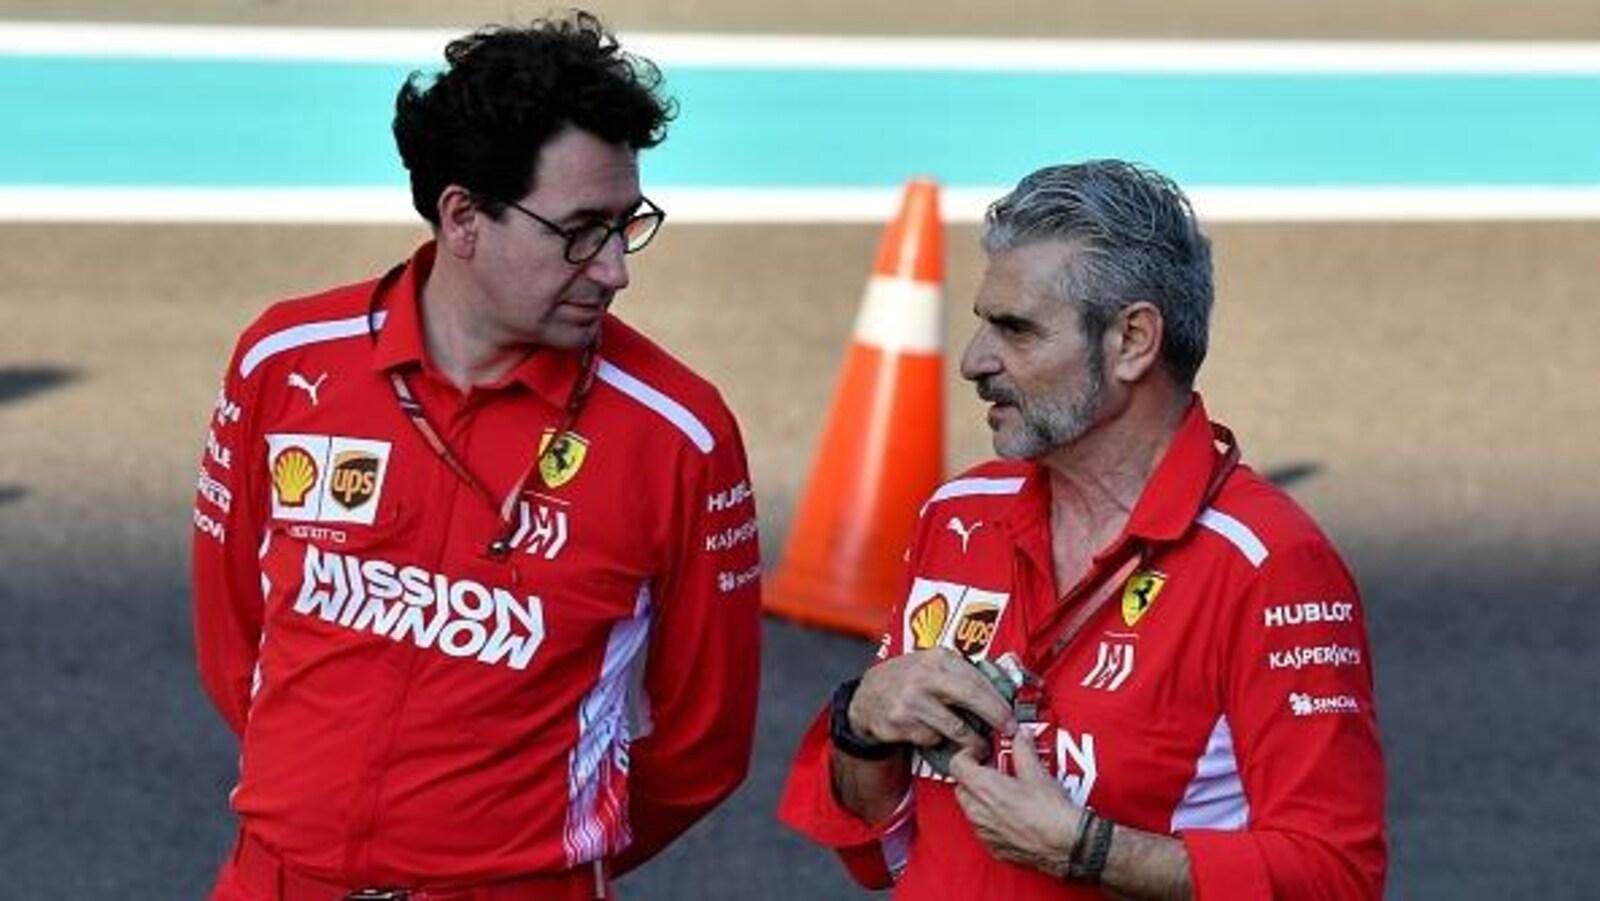 Mattia Binotto (à gauche) a été choisi pour succéder à Maurizio Arrivabene (à droite) comme patron de la Scuderia.